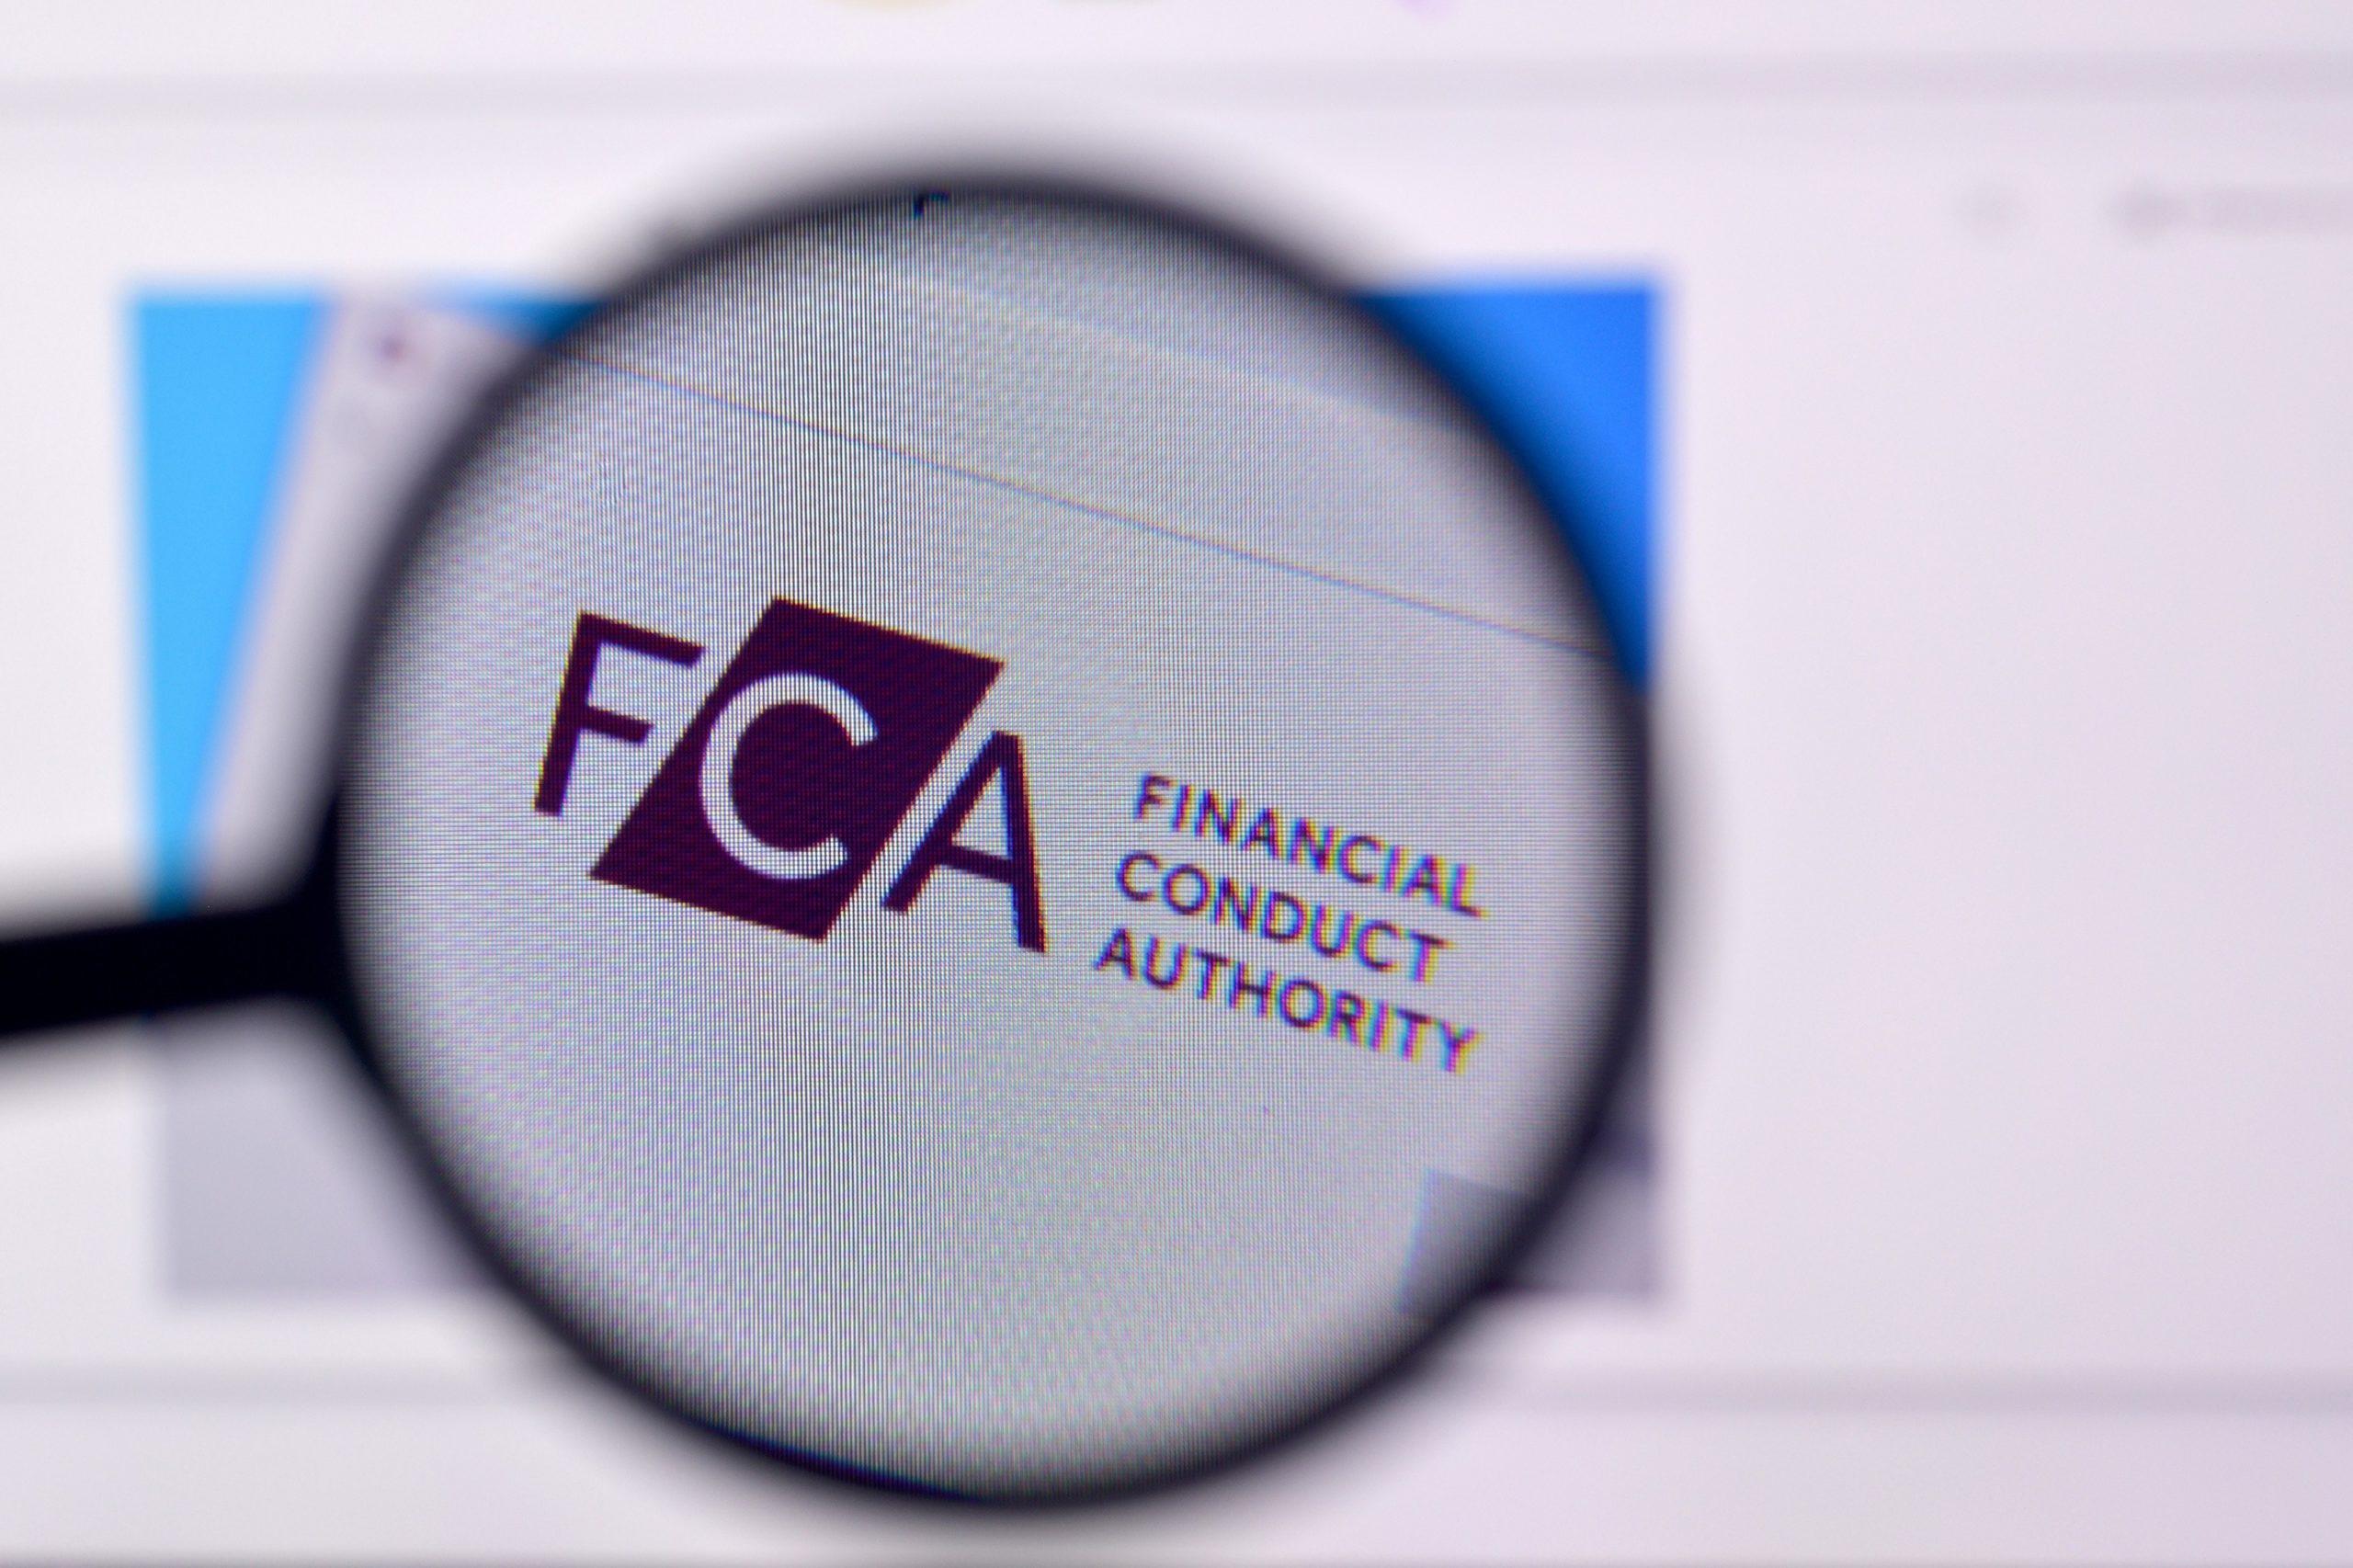 finansal yonetim otoritesi fca kripto para isletmeleri icin gecici lisans suresini uzatti